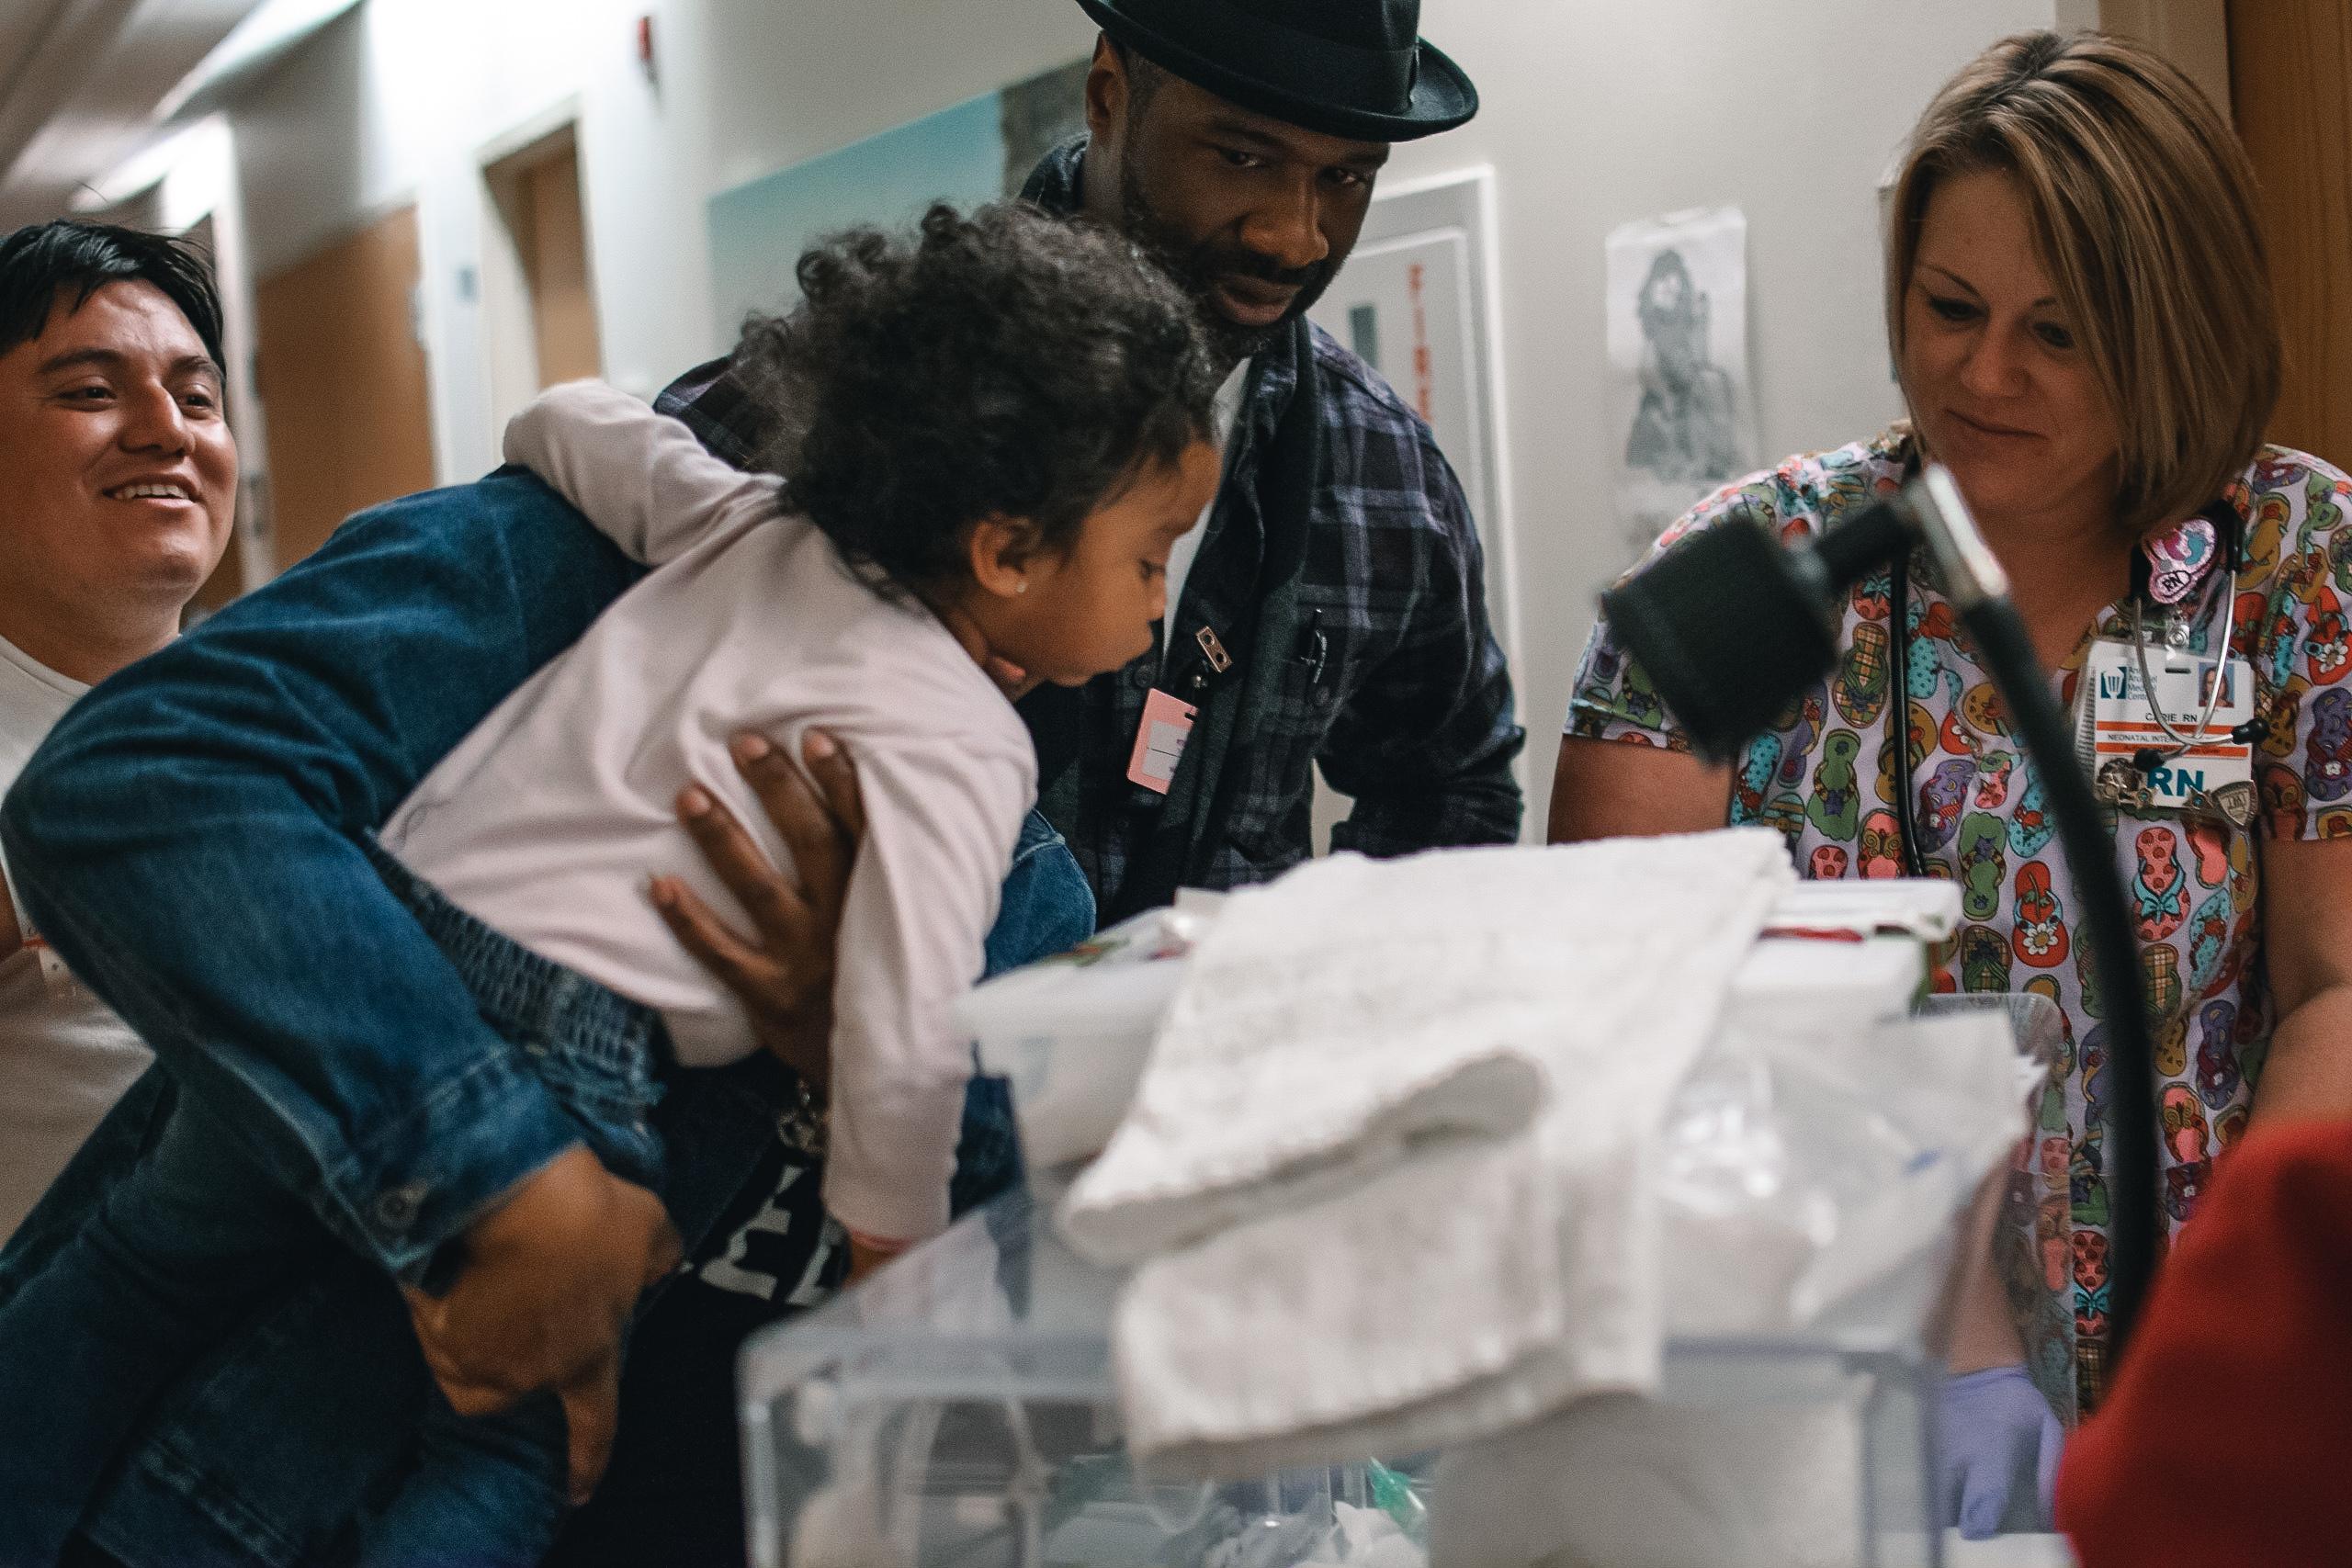 family surrounding newborn baby in NICU incubator